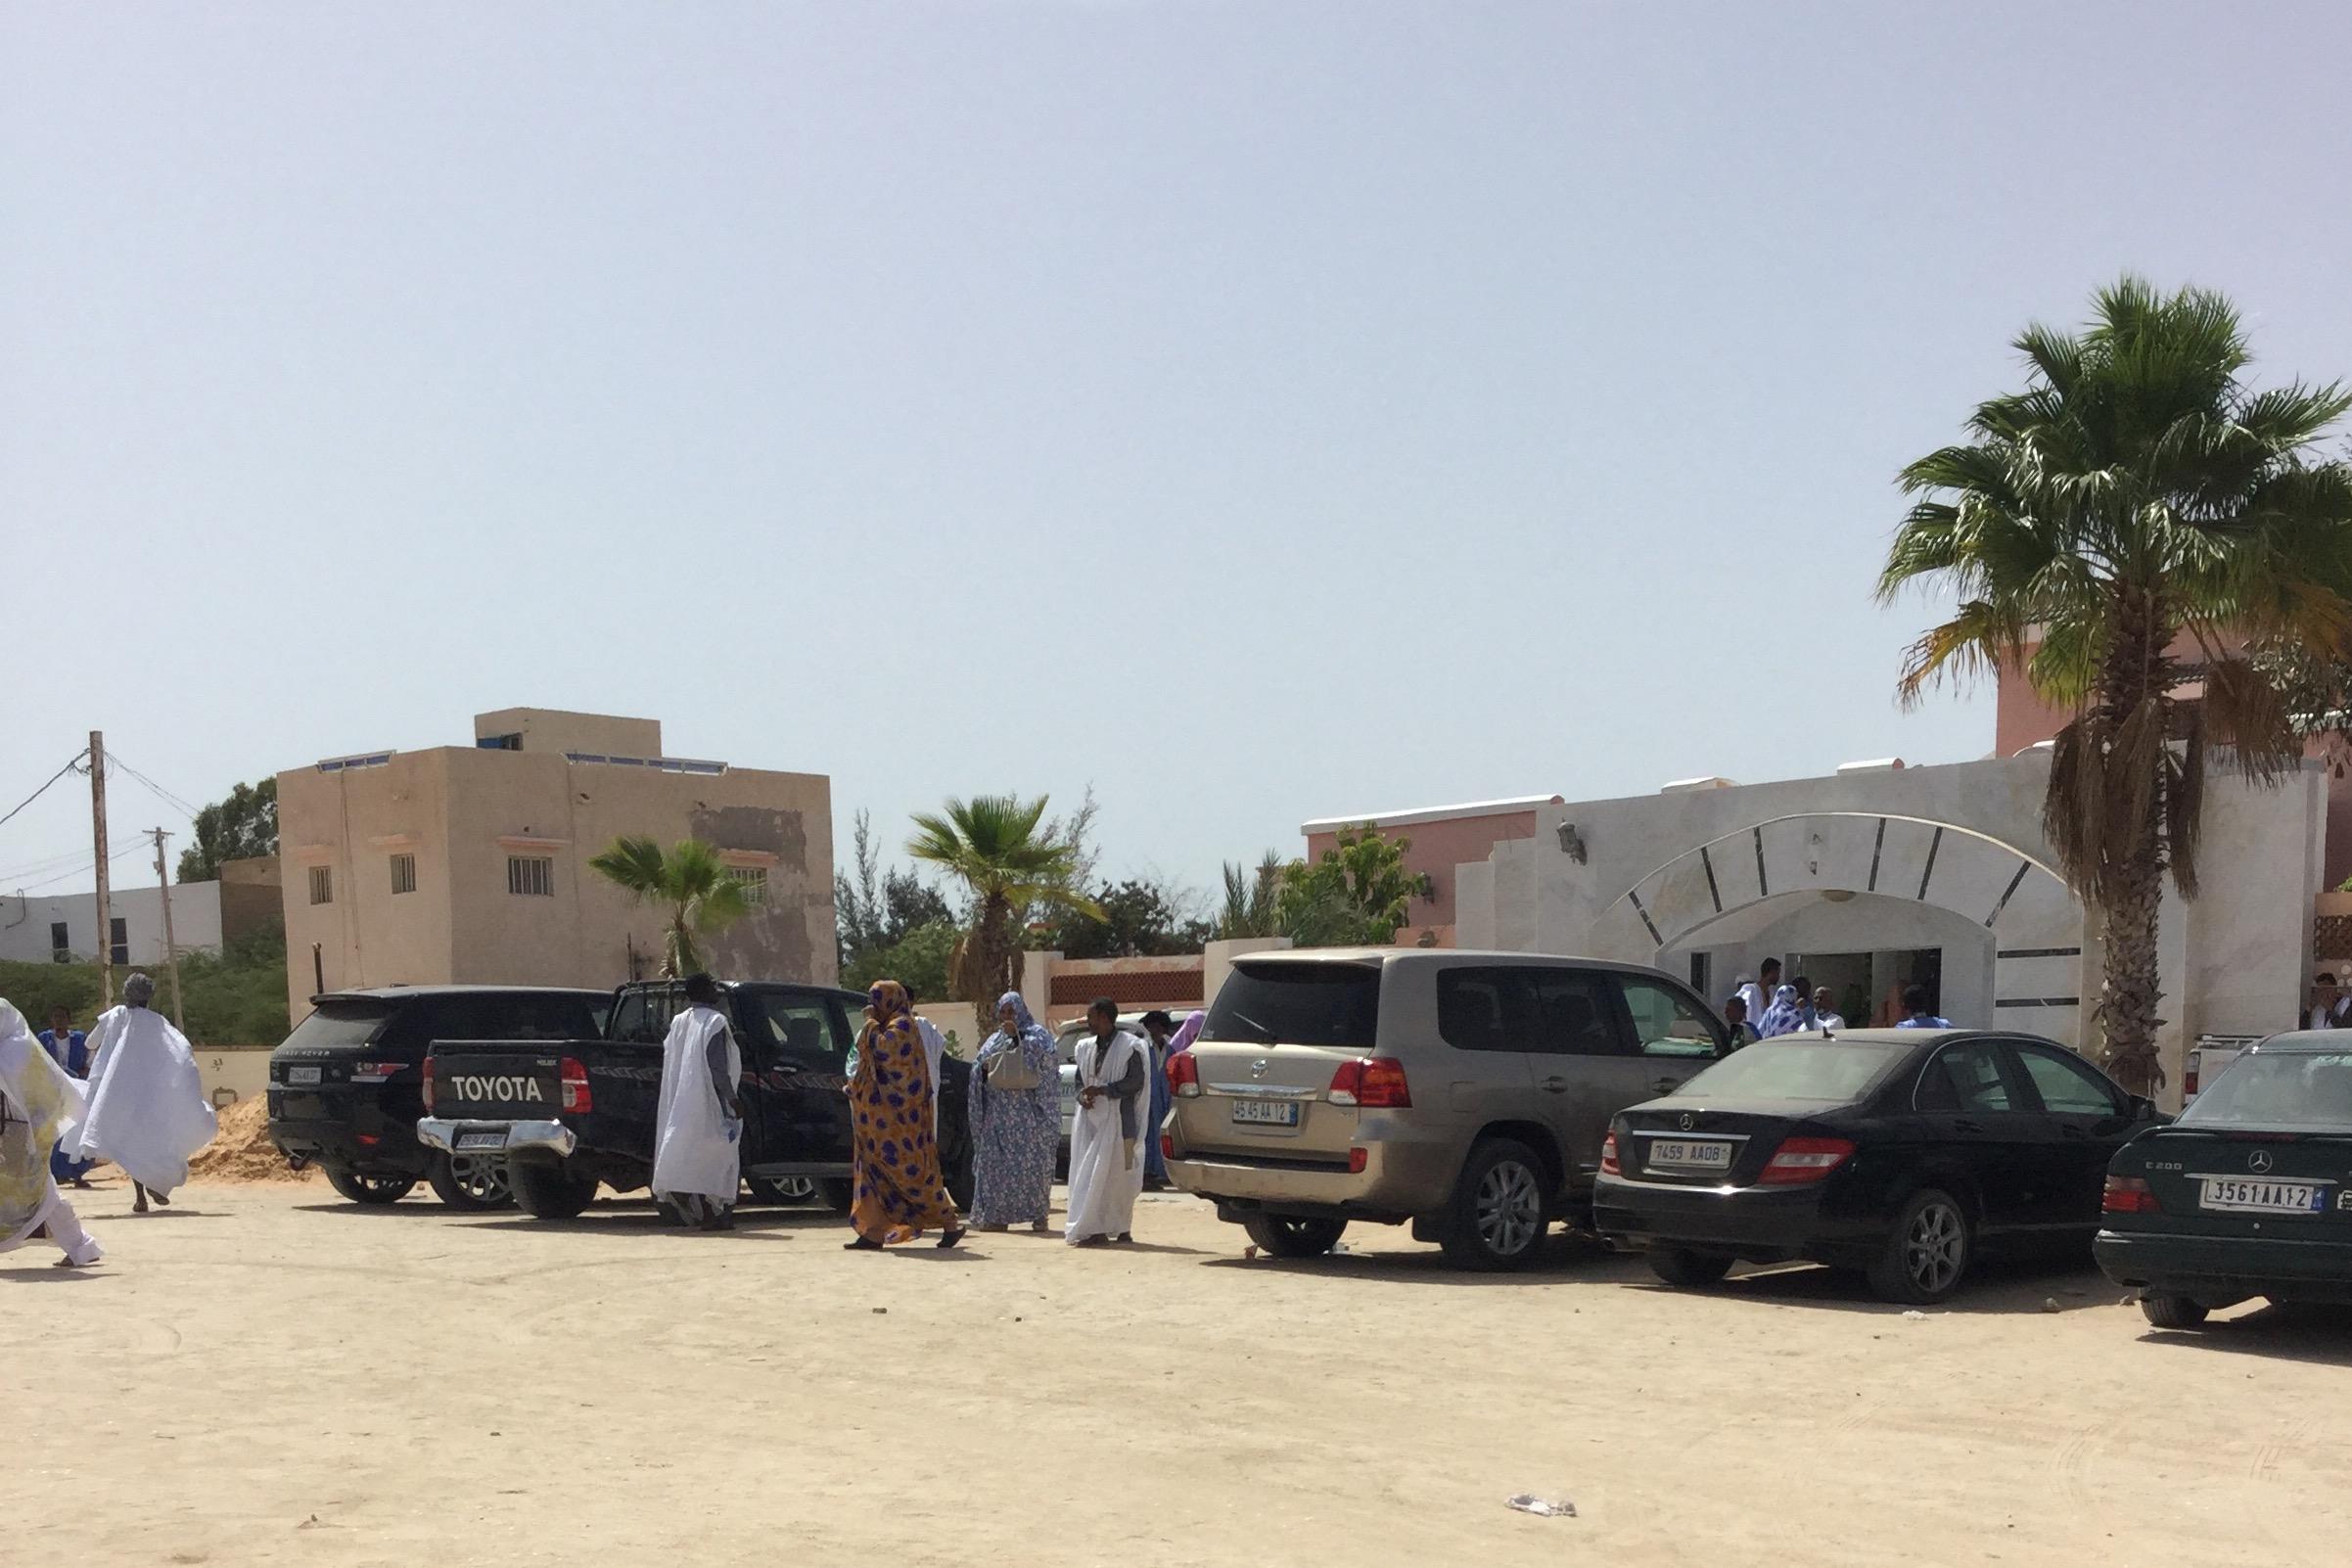 واجهة منزل المرحوم الرئيس السابق اعل ولد محمد فال